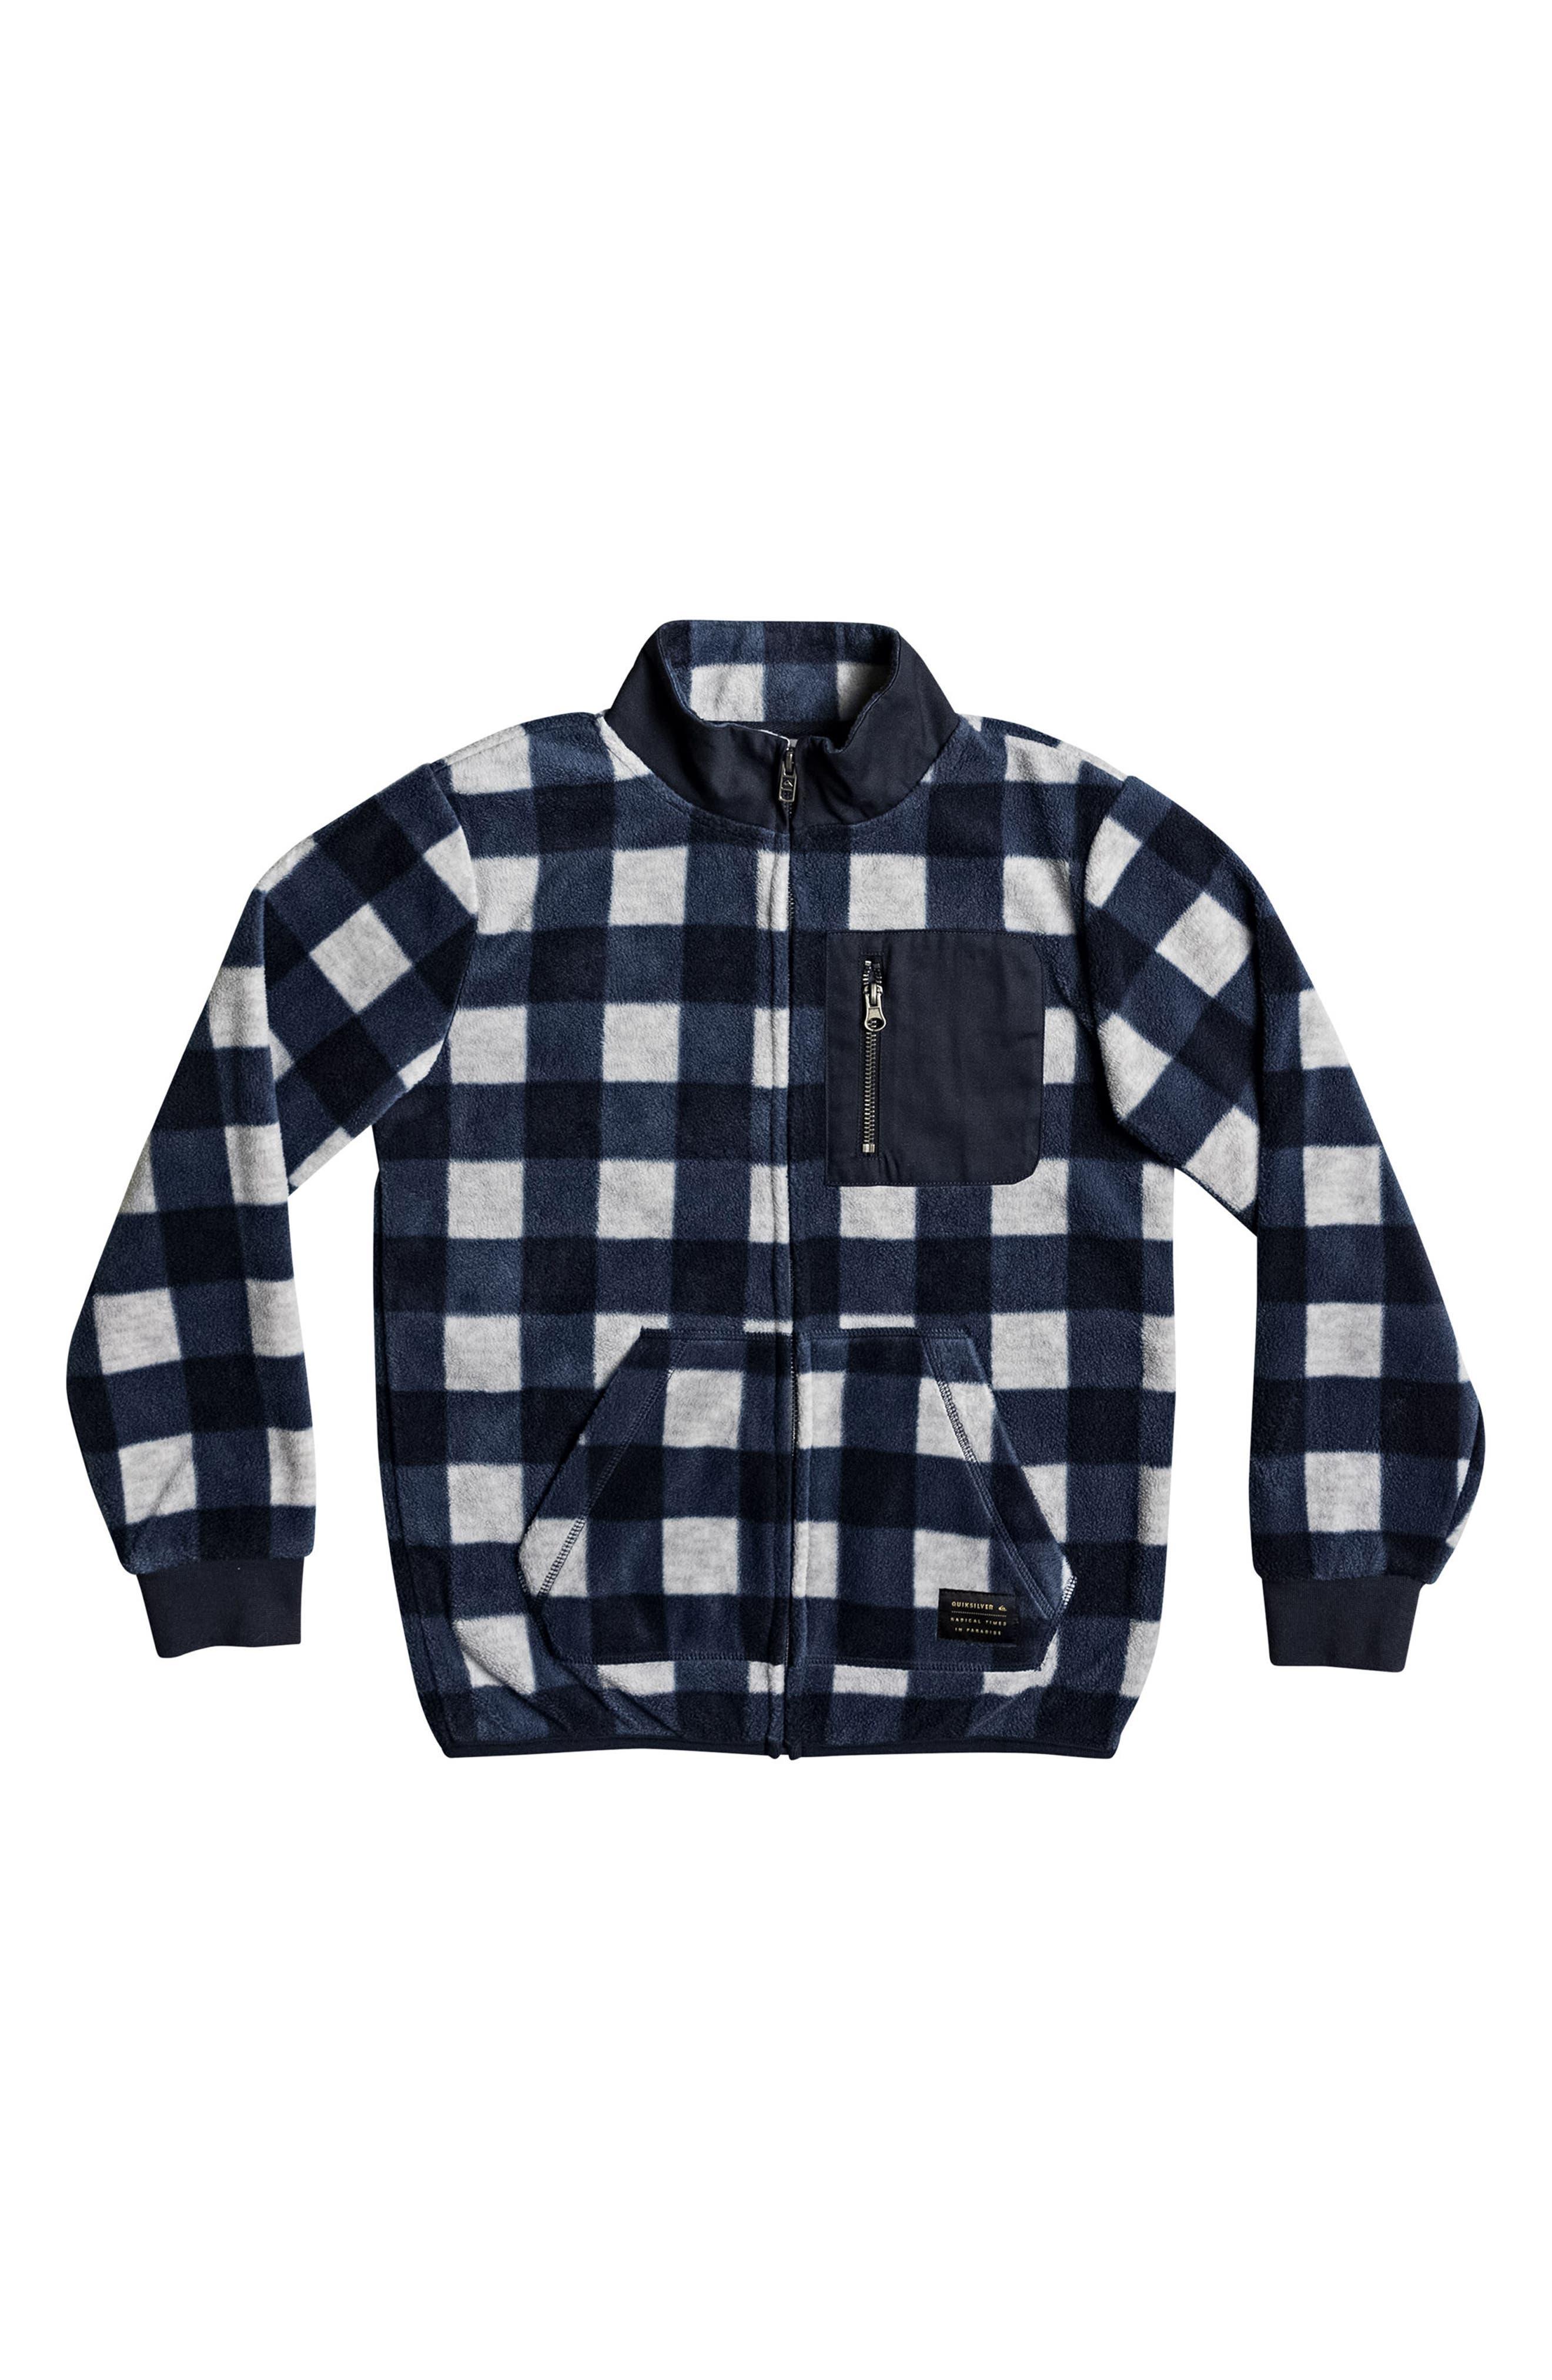 Turbo Speed Buffalo Check Fleece Jacket,                         Main,                         color, Navy Blazer